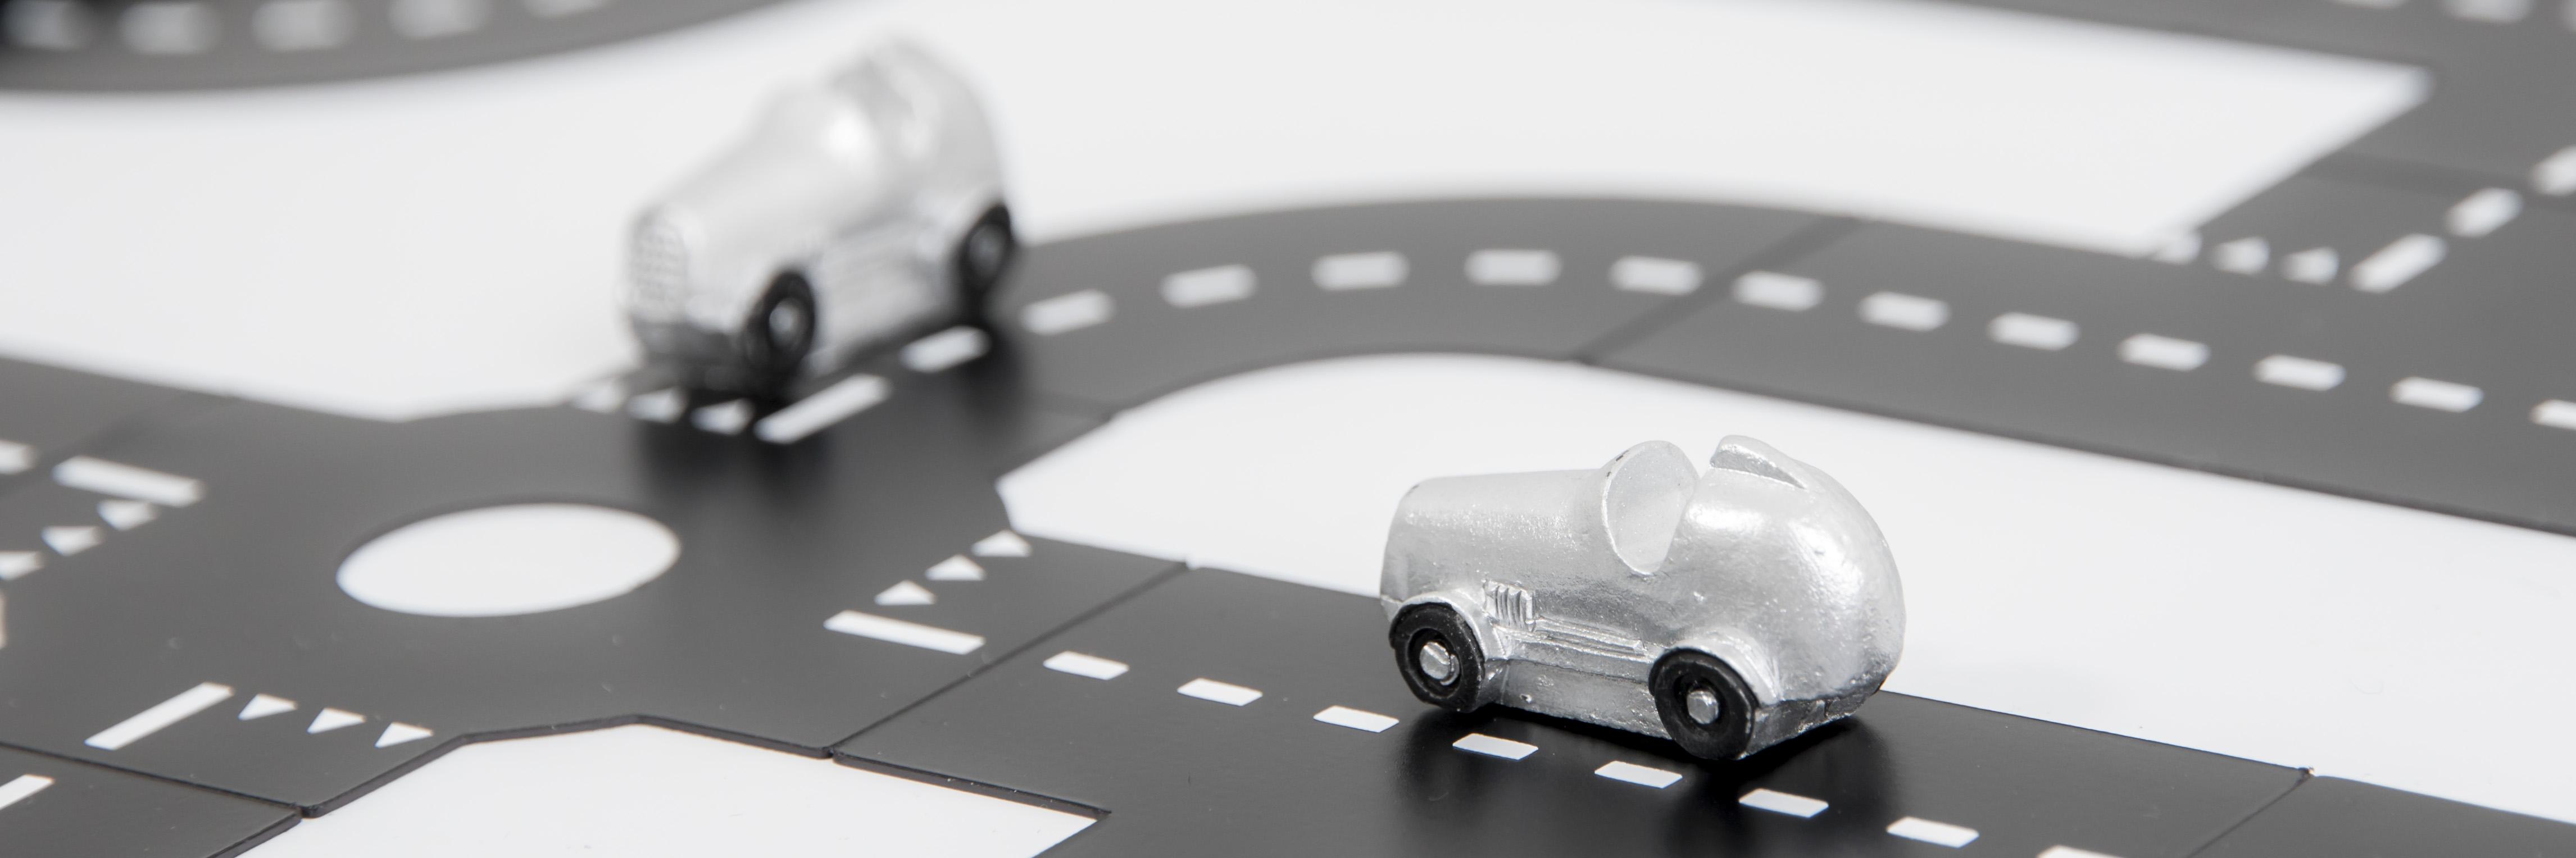 Magnetvägar trafikerade med små silverfärgade magnetbilar.